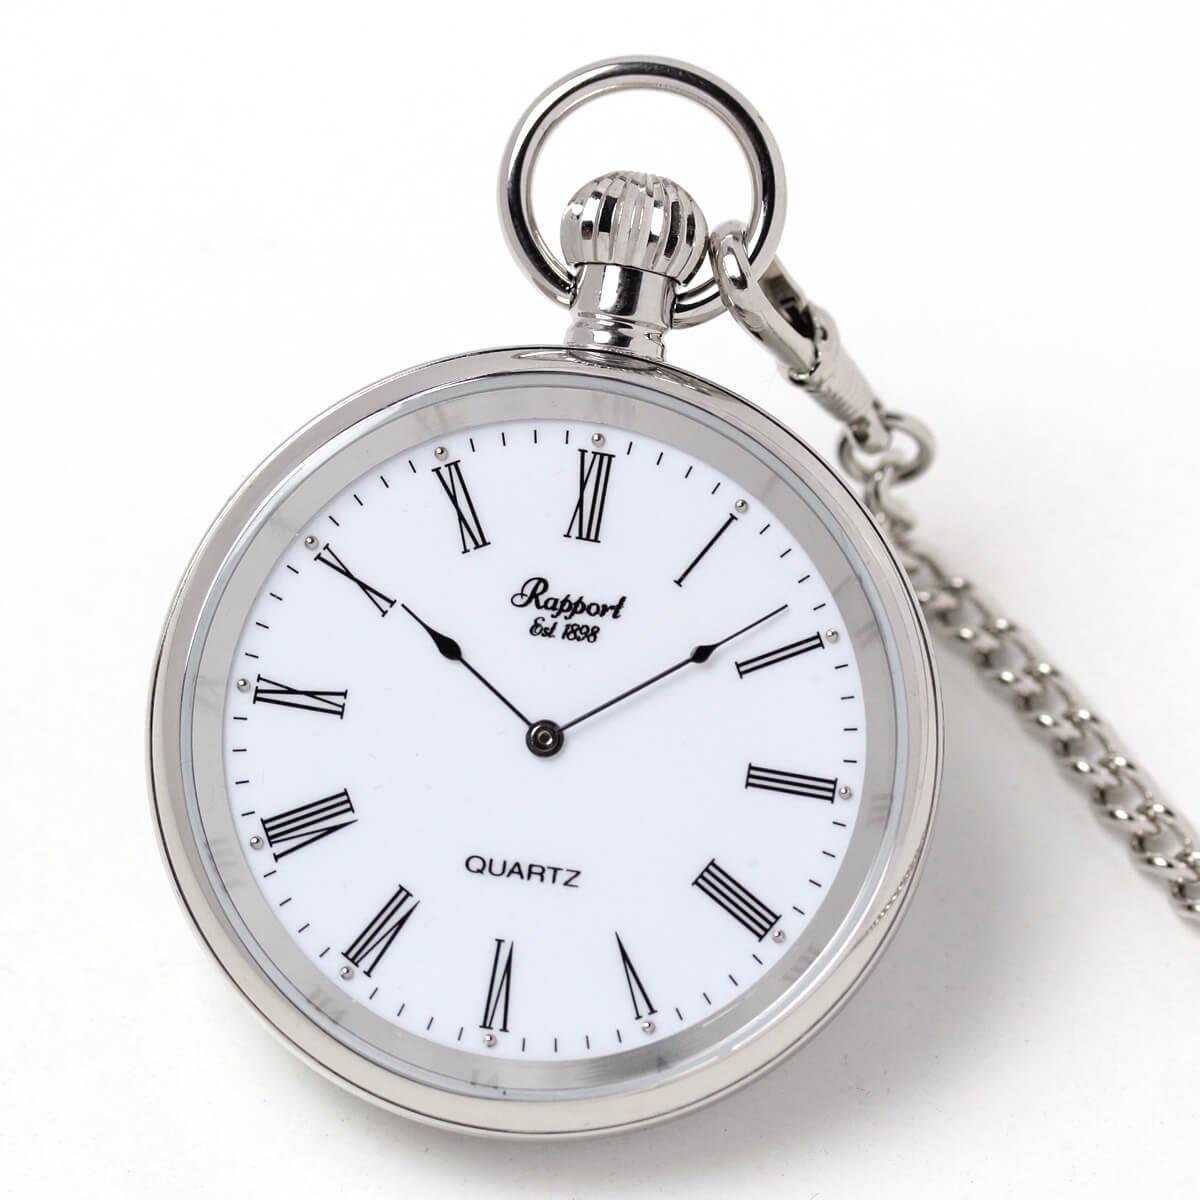 イギリスブランド rapport(ラポート) 懐中時計 pw39 シルバーカラーのオープンフェイスモデル